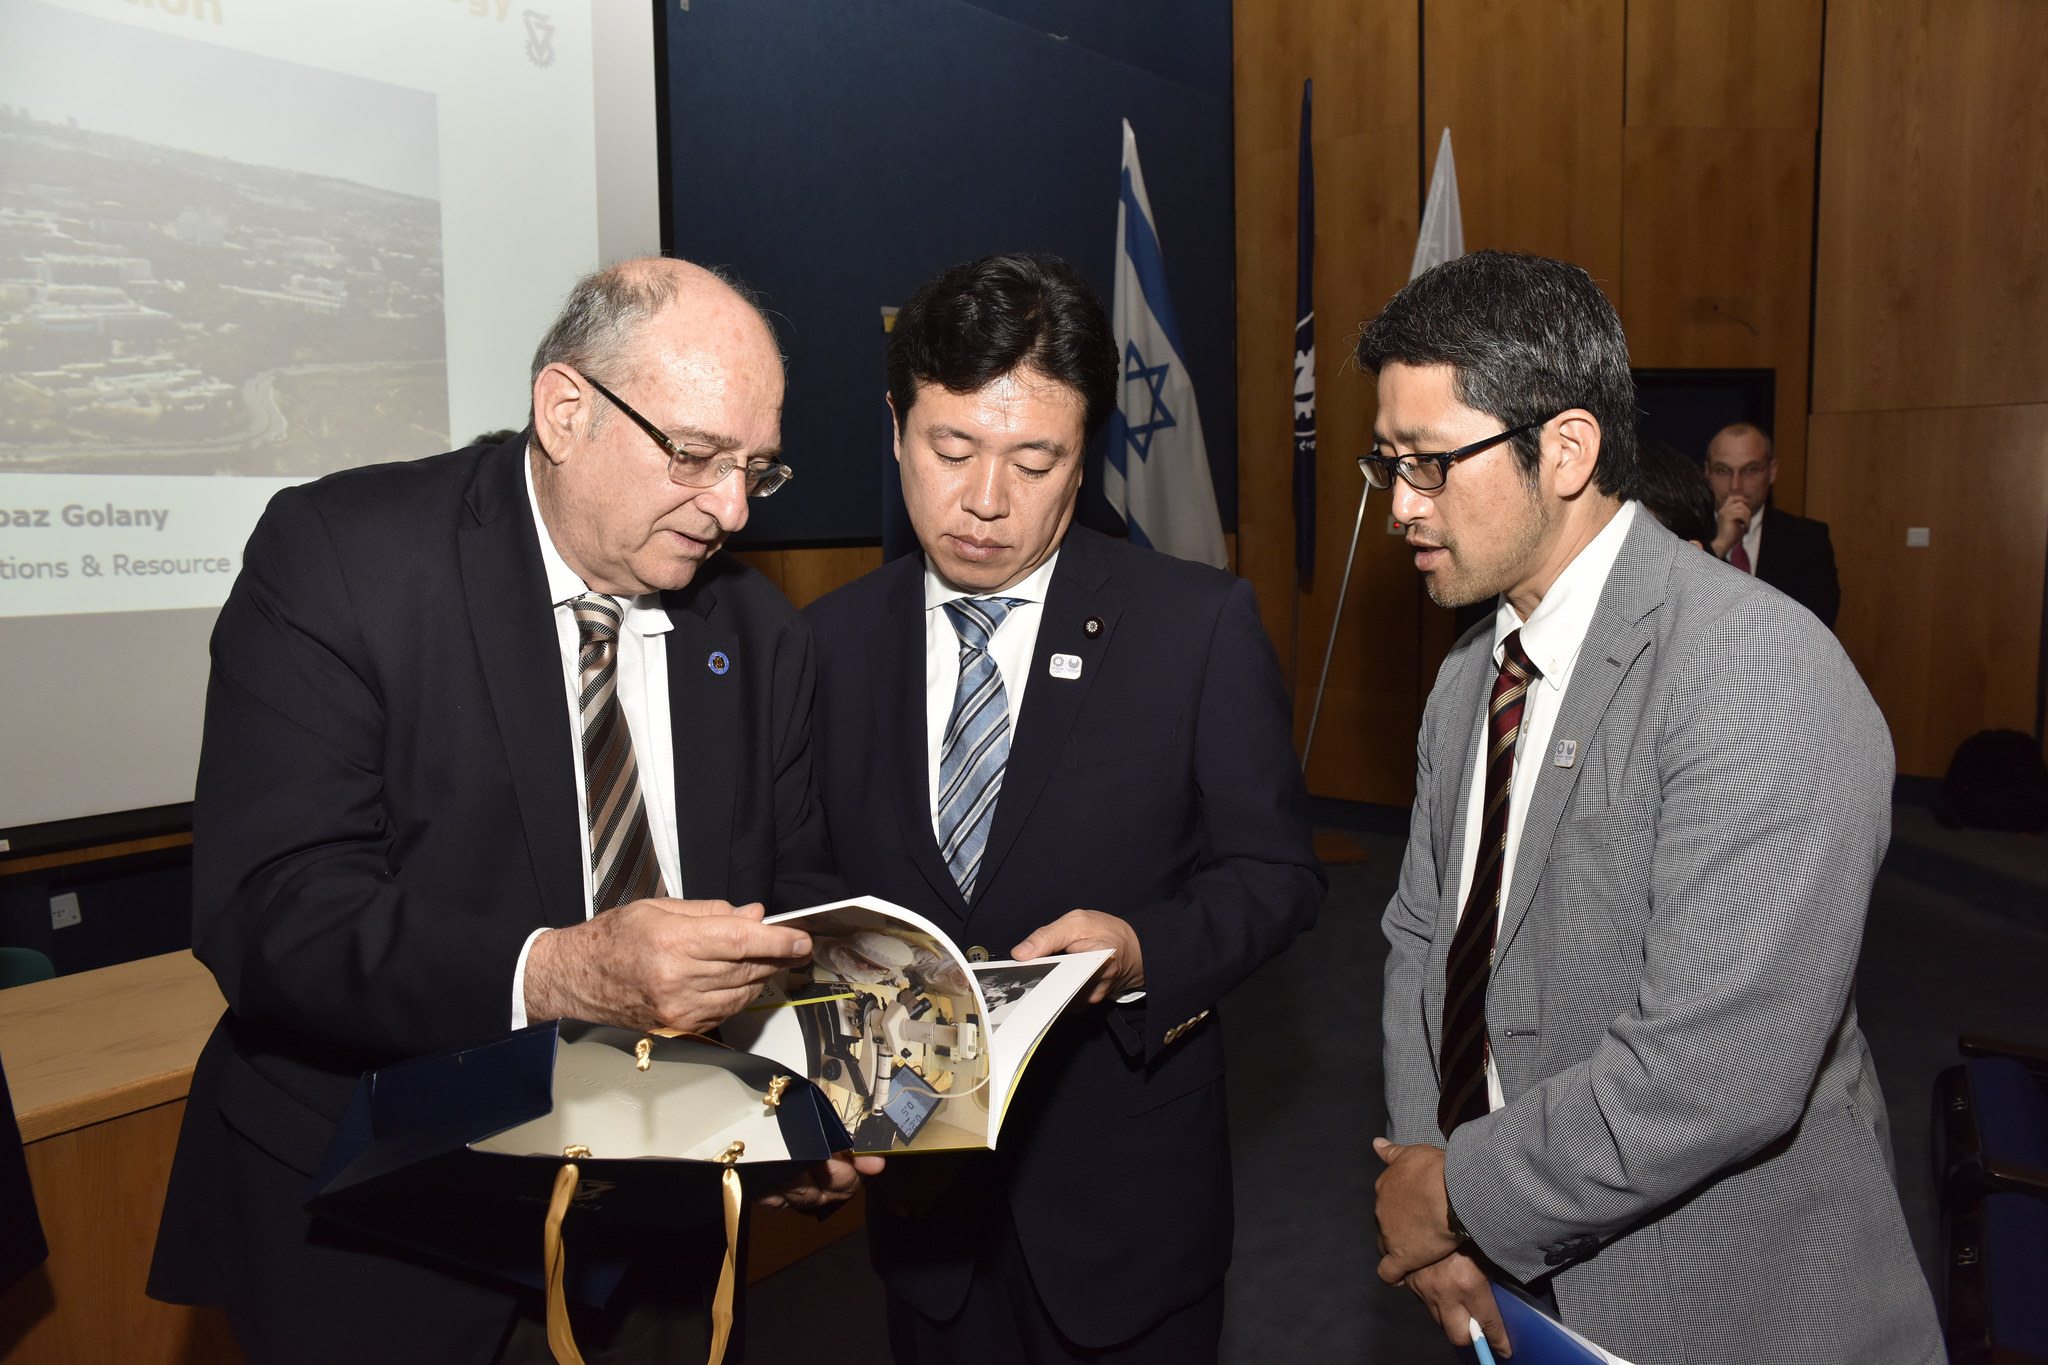 נשיא הטכניון פרופ' פרץ לביא ושר המדע, הטכנולוגיה והחלל היפני יוסקה טסורוהו (צילום: שרון צור)